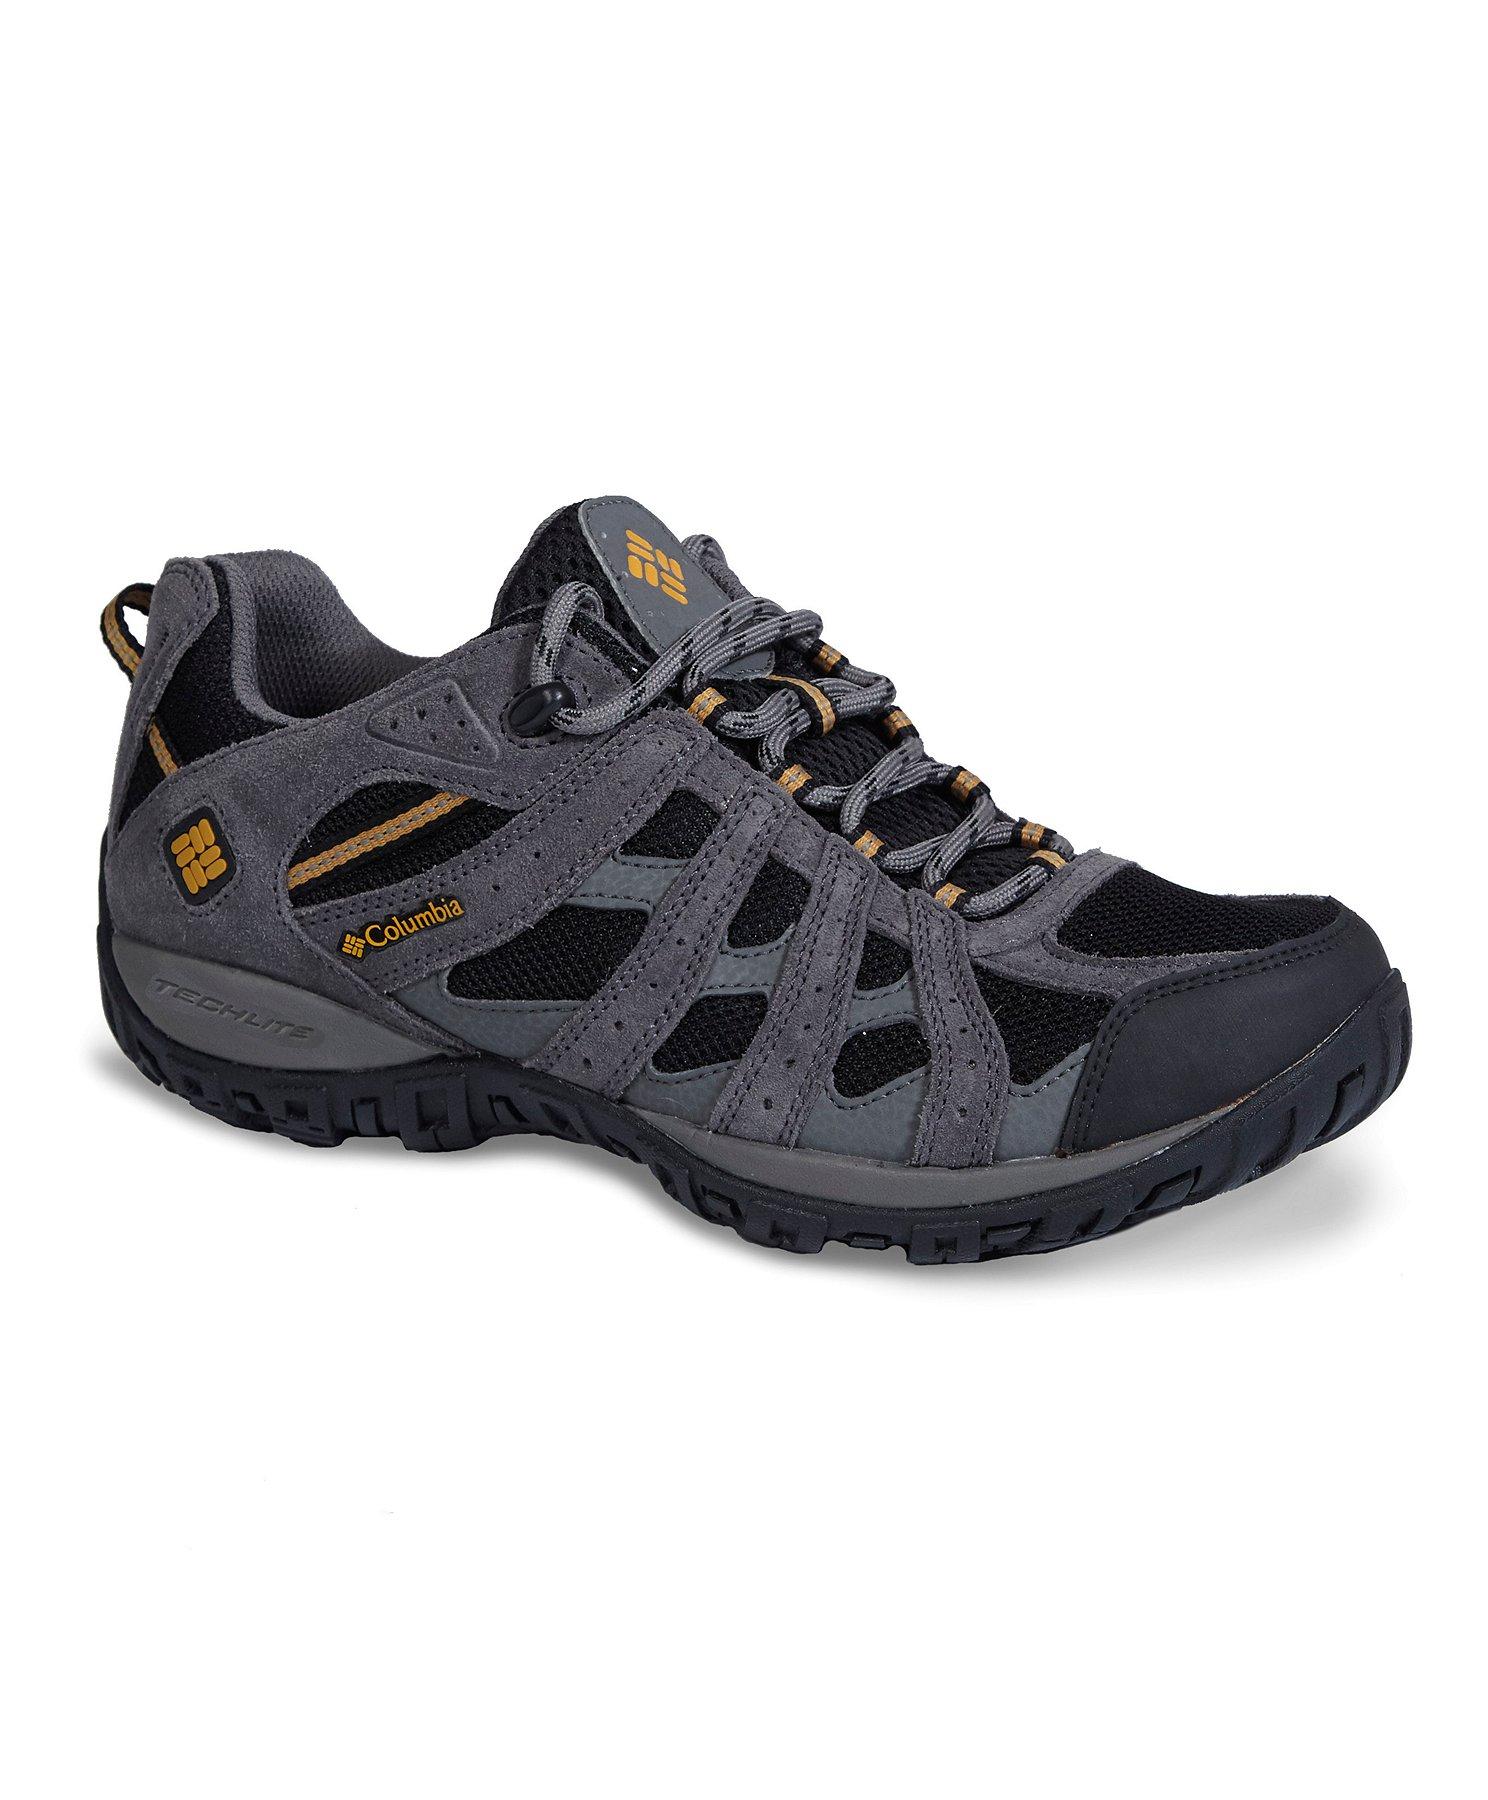 COLUMBIA Chaussures, Sacs, Vetements, Accessoires